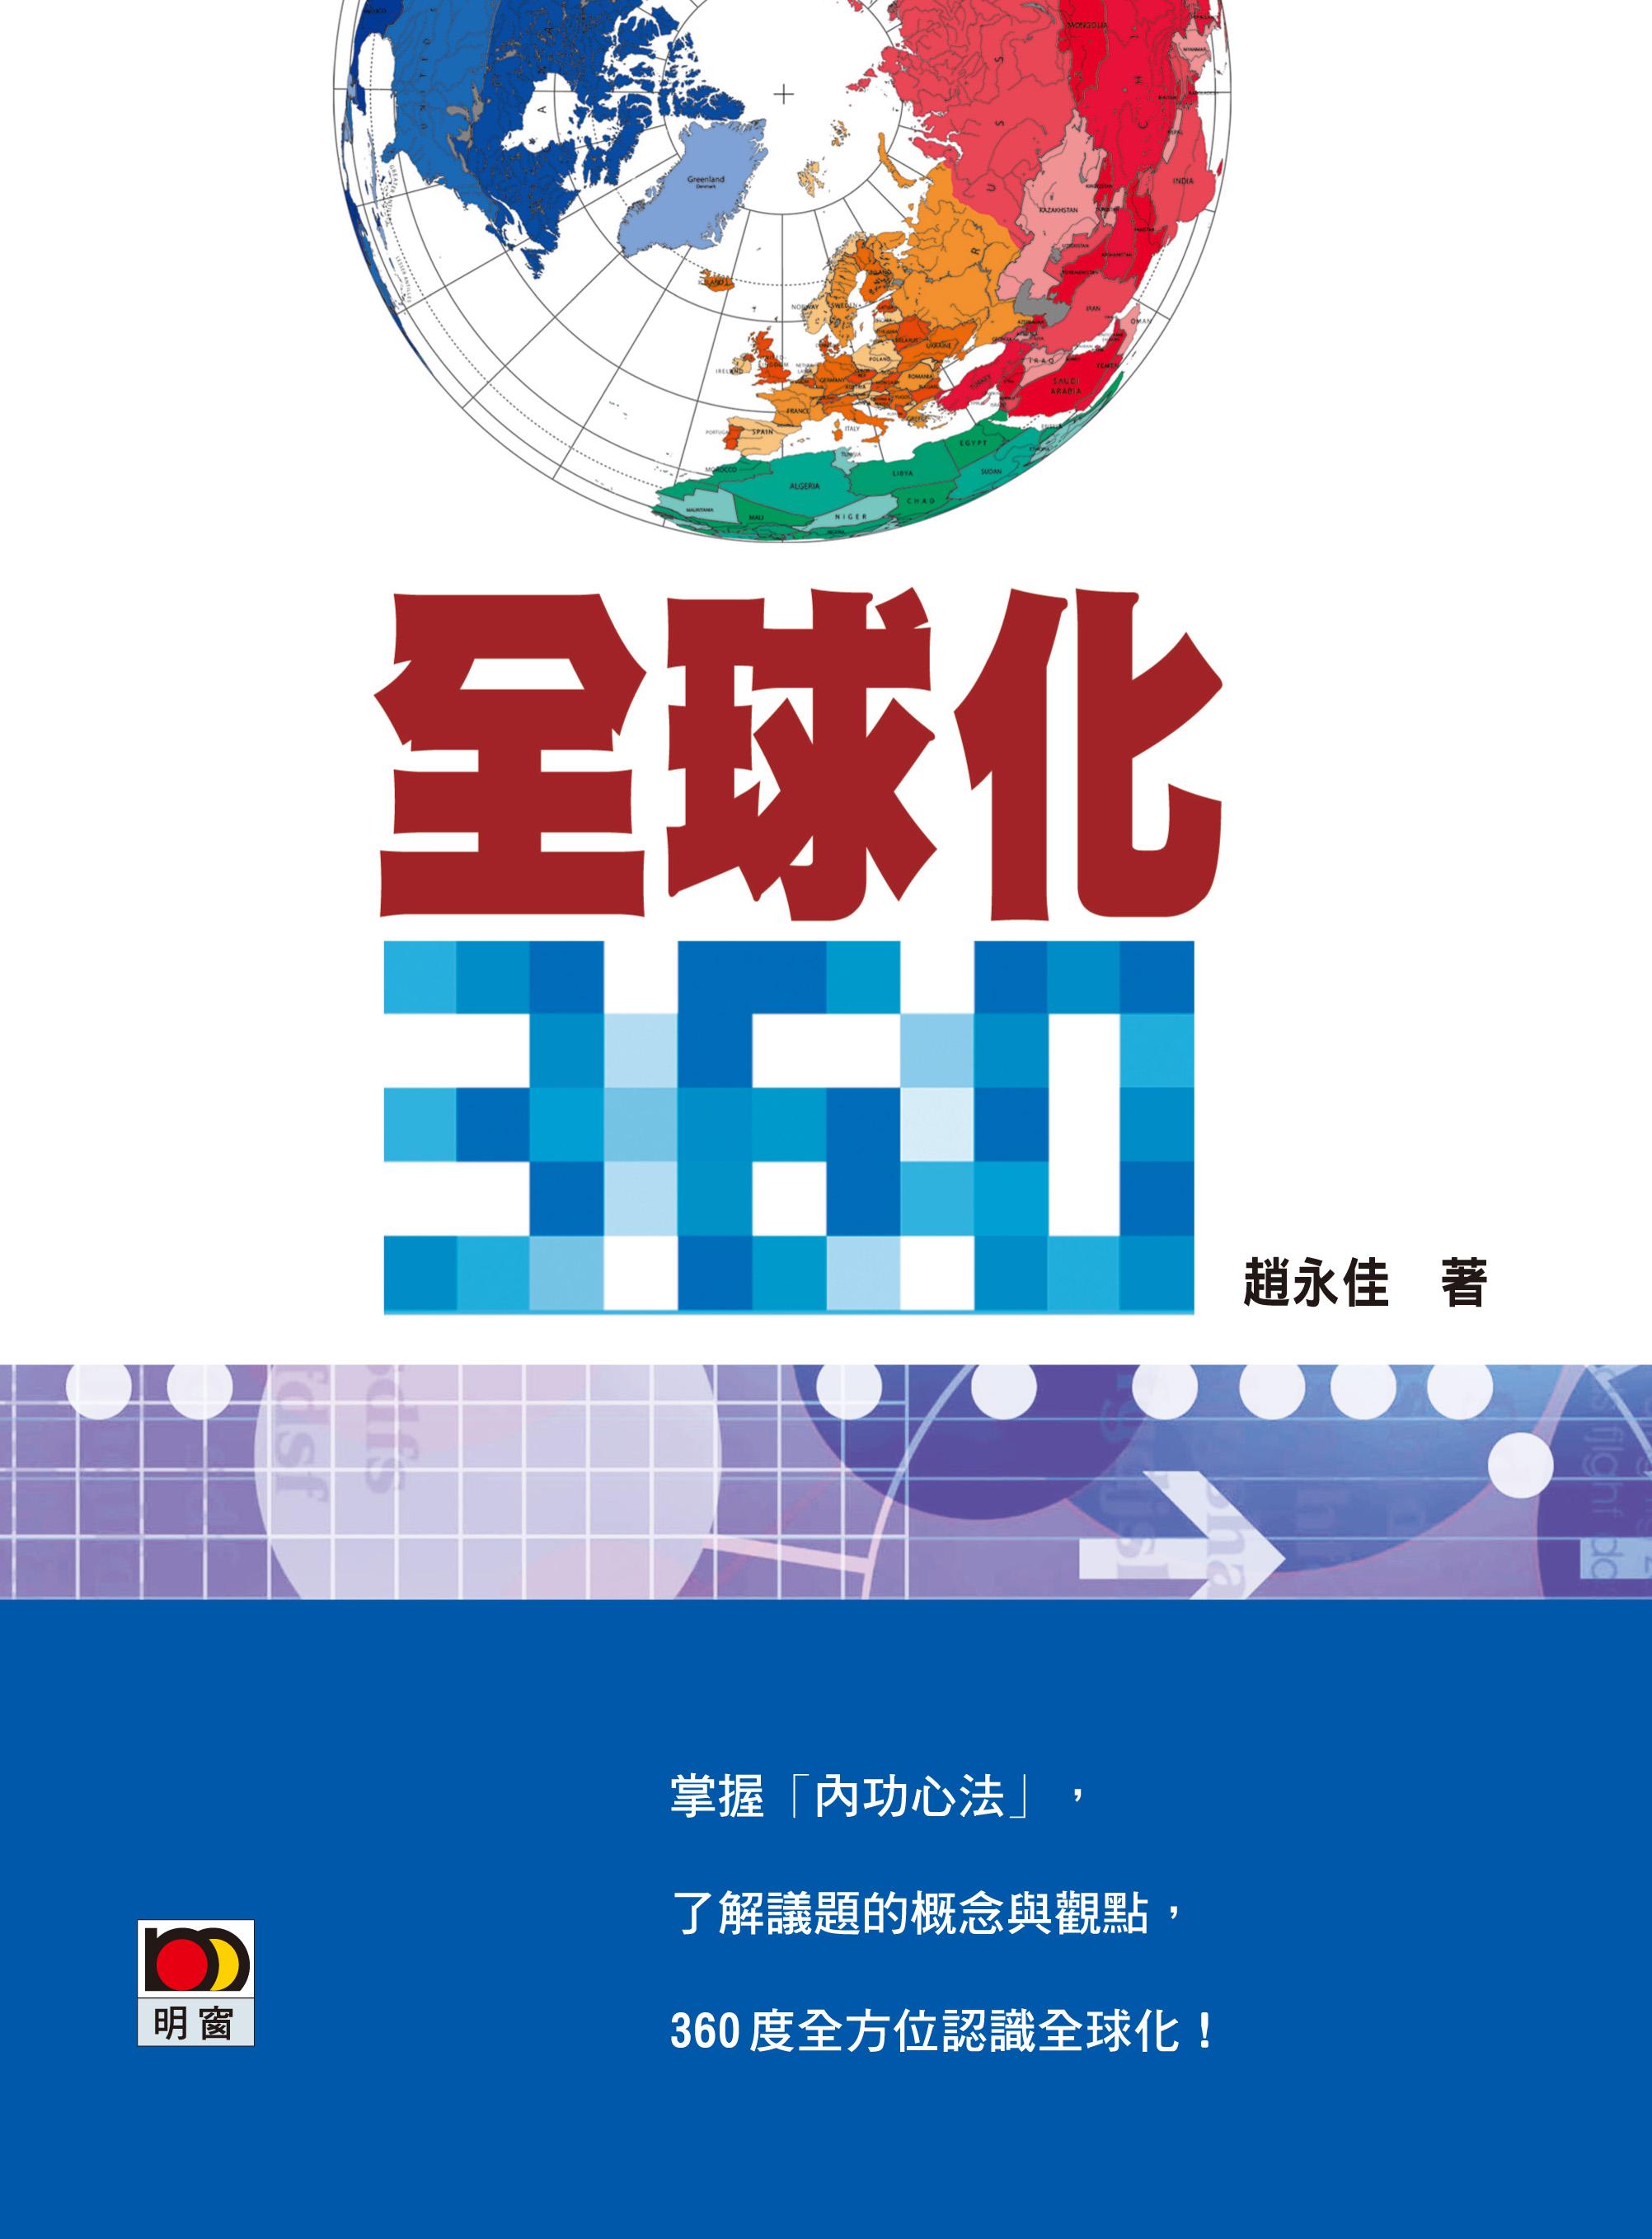 全球化360